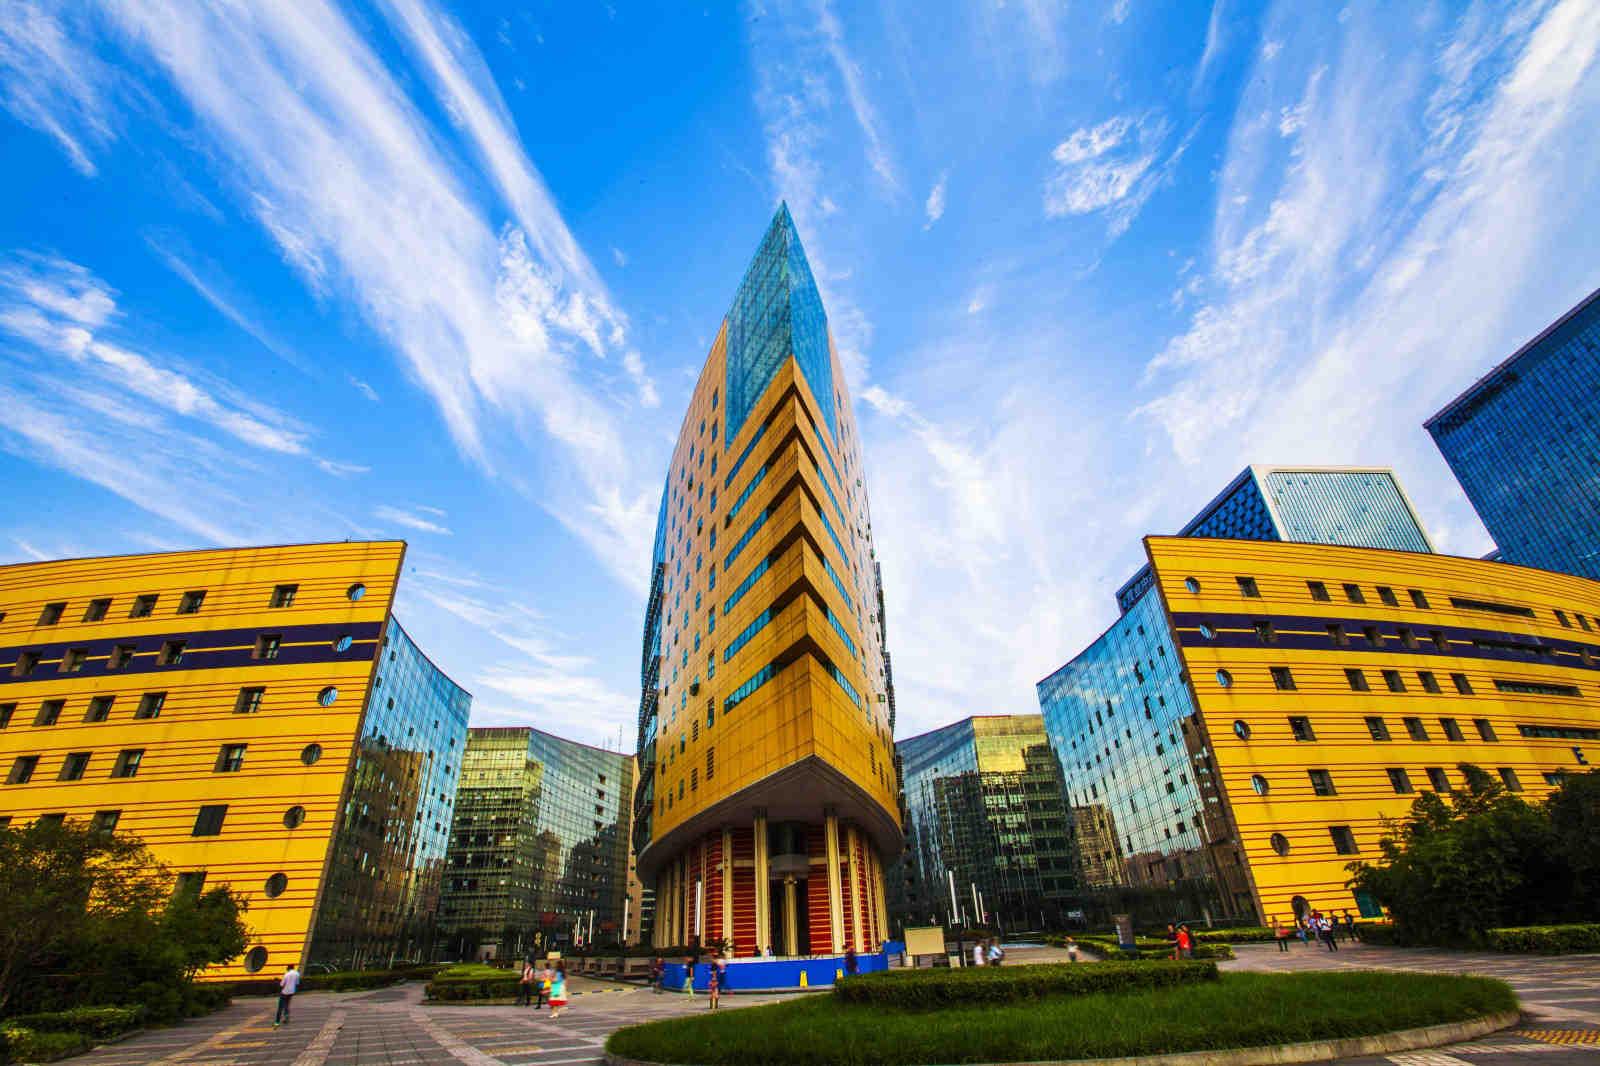 Chengdu Hi-tech Zone: an emerging tech hub